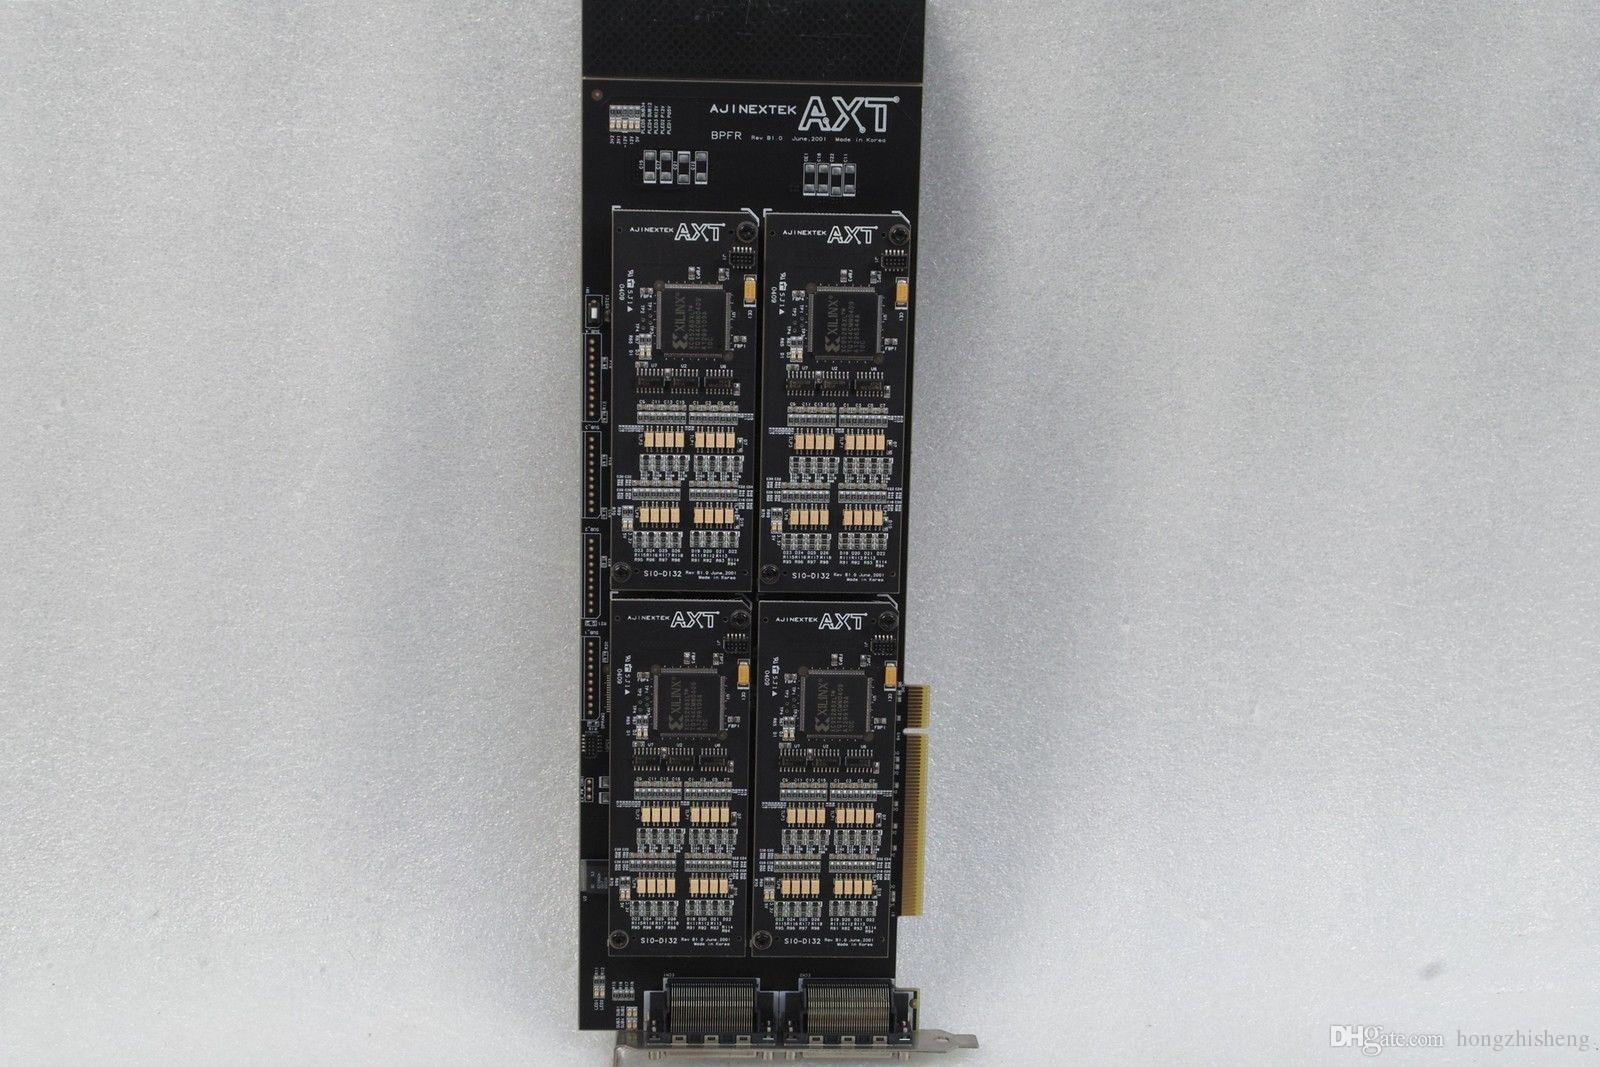 Промышленный контроллер движения модульный SIO-DI32 SI0-D132 REV B1.0 для AJINEXTEK AXT